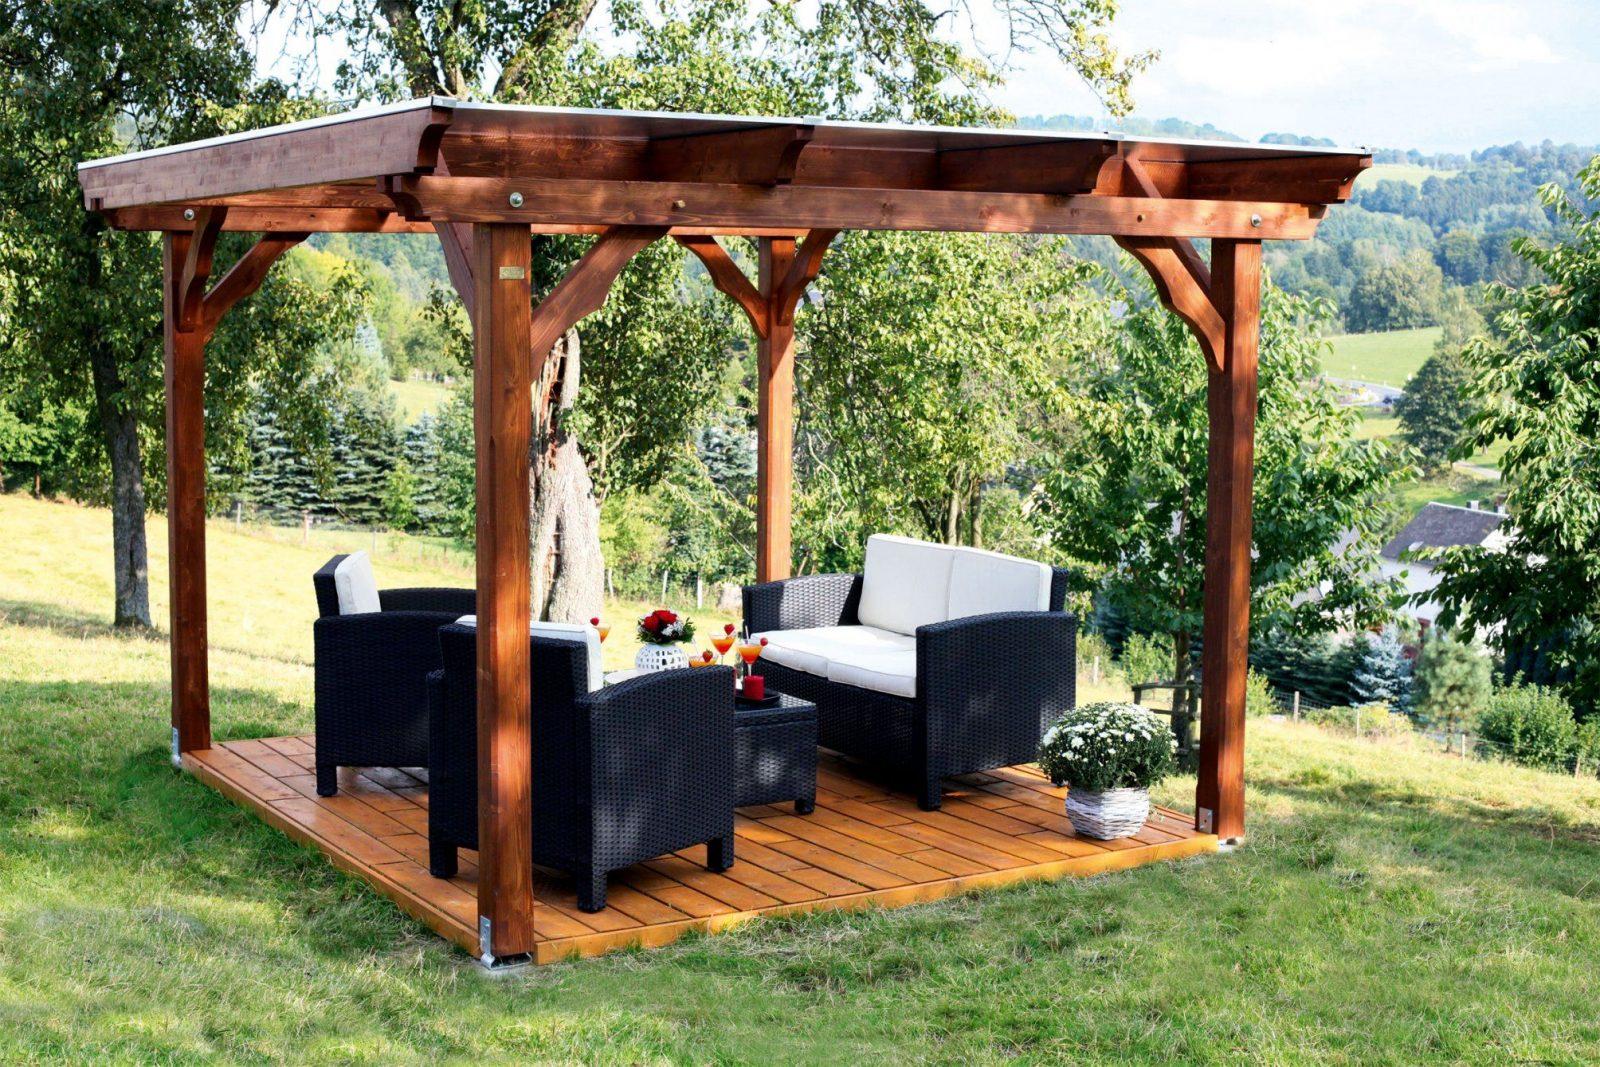 Der Skan Holz Pavillon Marseille Ist Die Perfekte Wahl Für Ihren von Holz Pavillon Bausatz Günstig Bild